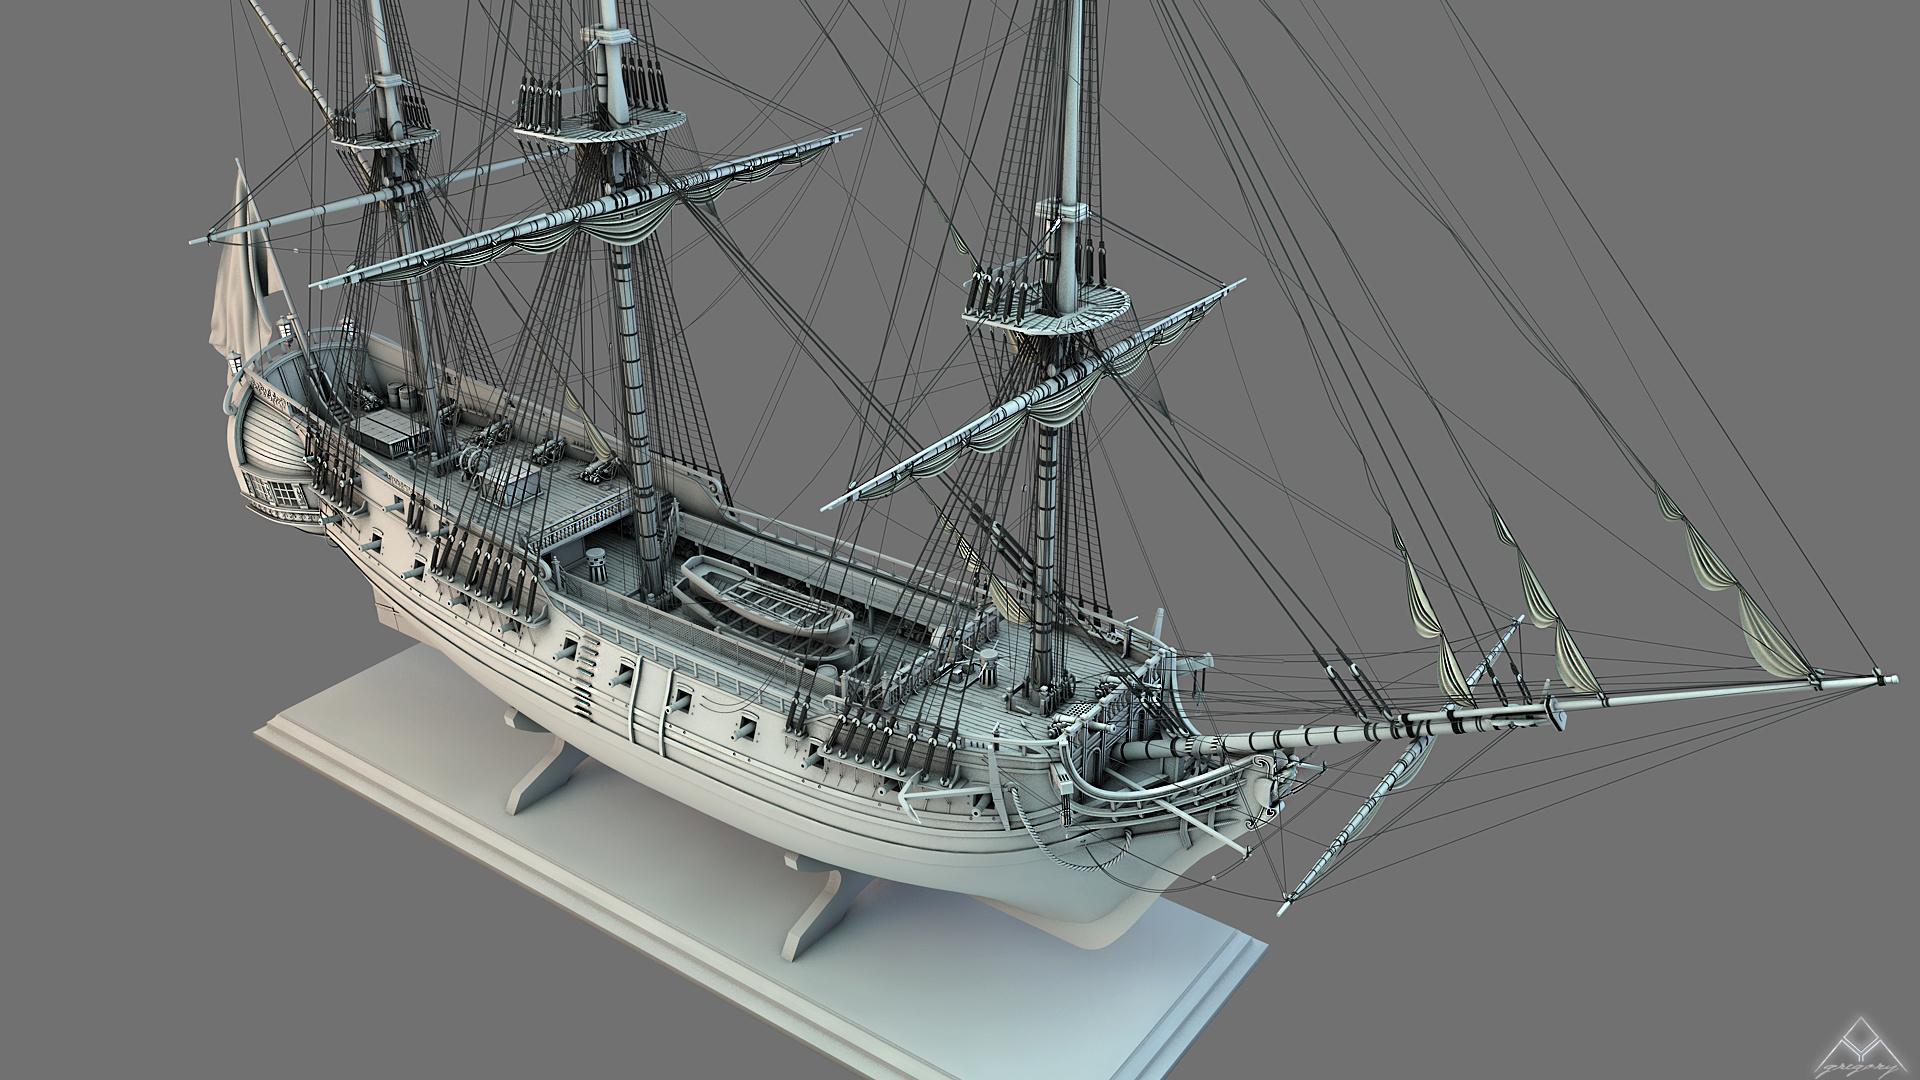 Frégate m'a première réalisation d'un navire en 3D. - Page 6 Frzoga20